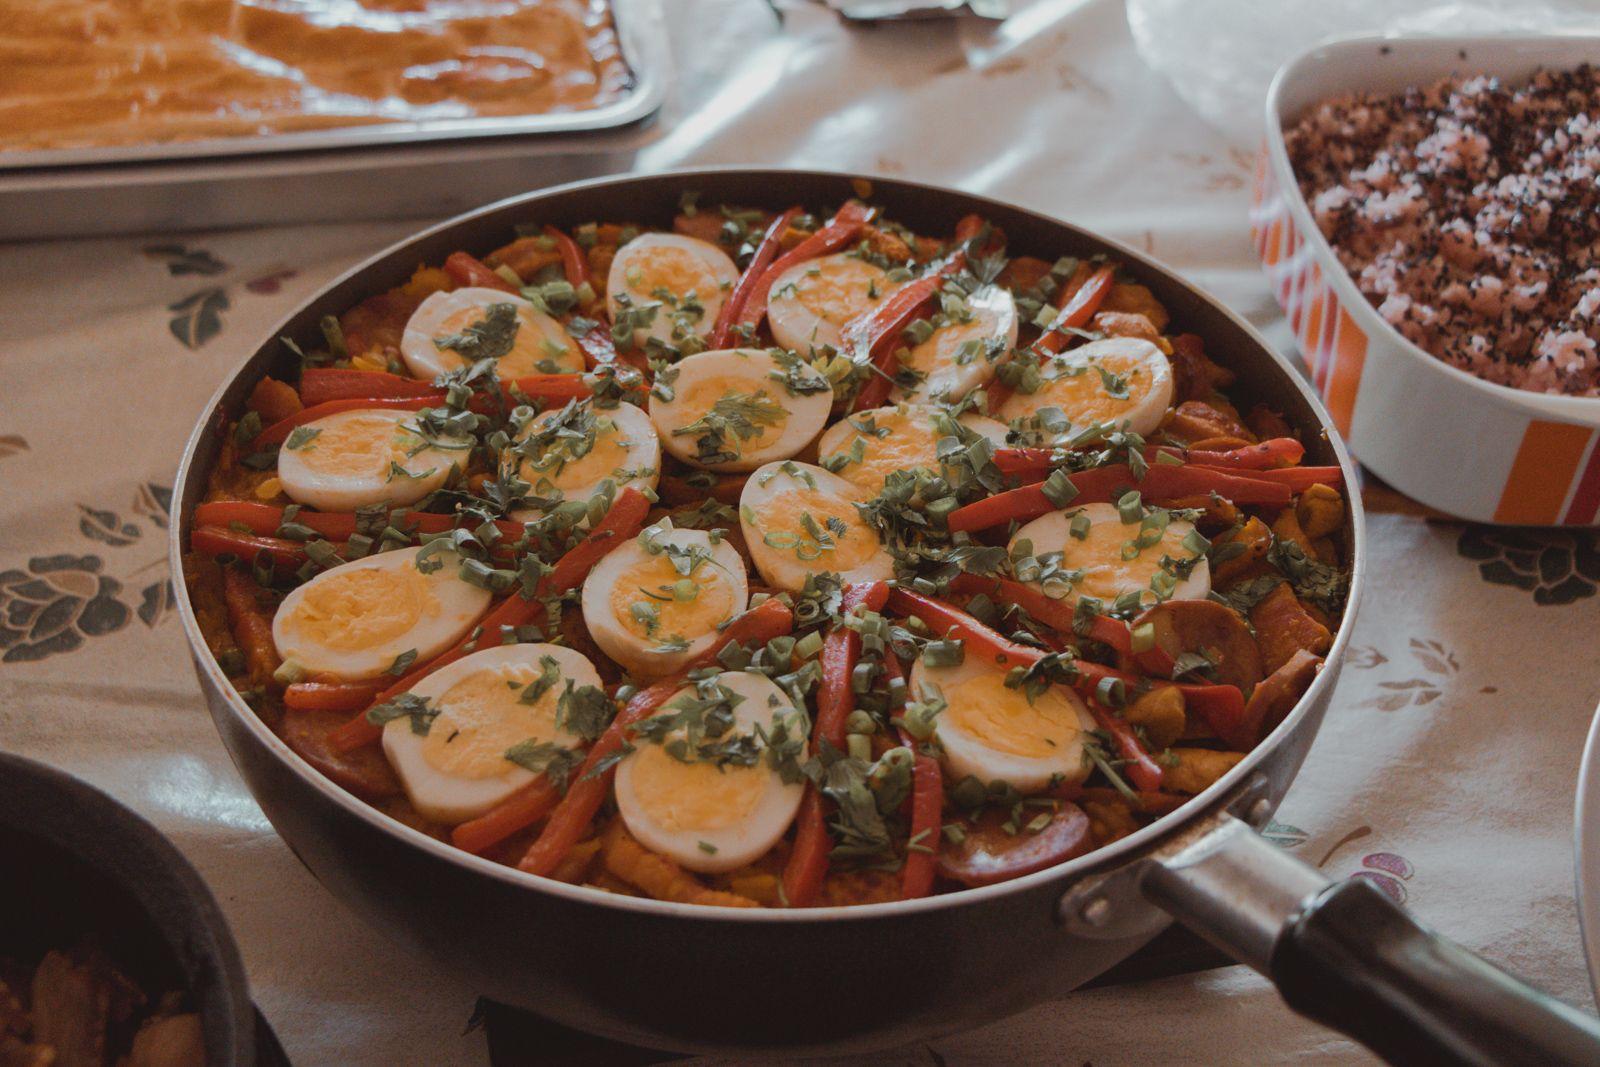 Aniversário com Paella e Corn Dogs paella ovos carne suína